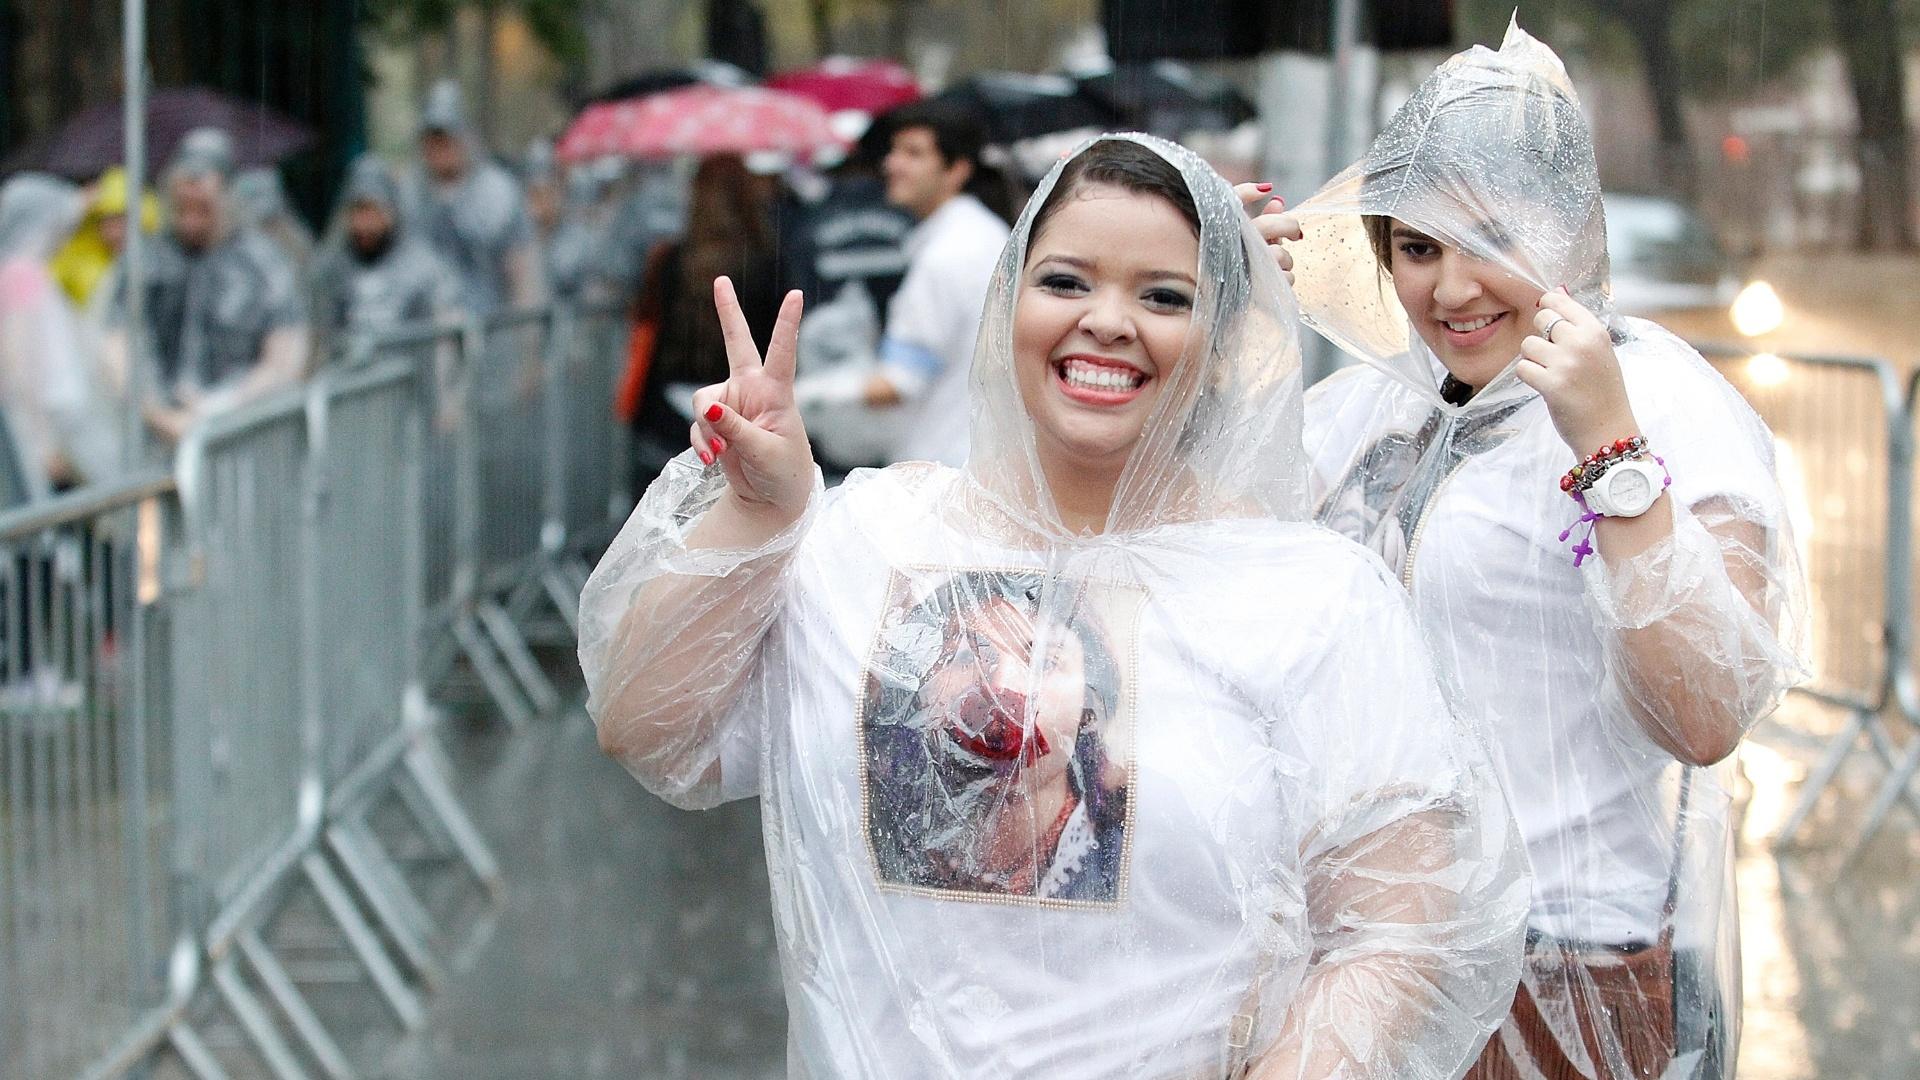 25.nov.2014 - A estudante de direito Beatriz Gadelha Brito, 21 anos, customizou uma camiseta com uma foto de Paul McCartney especialmente para o show.